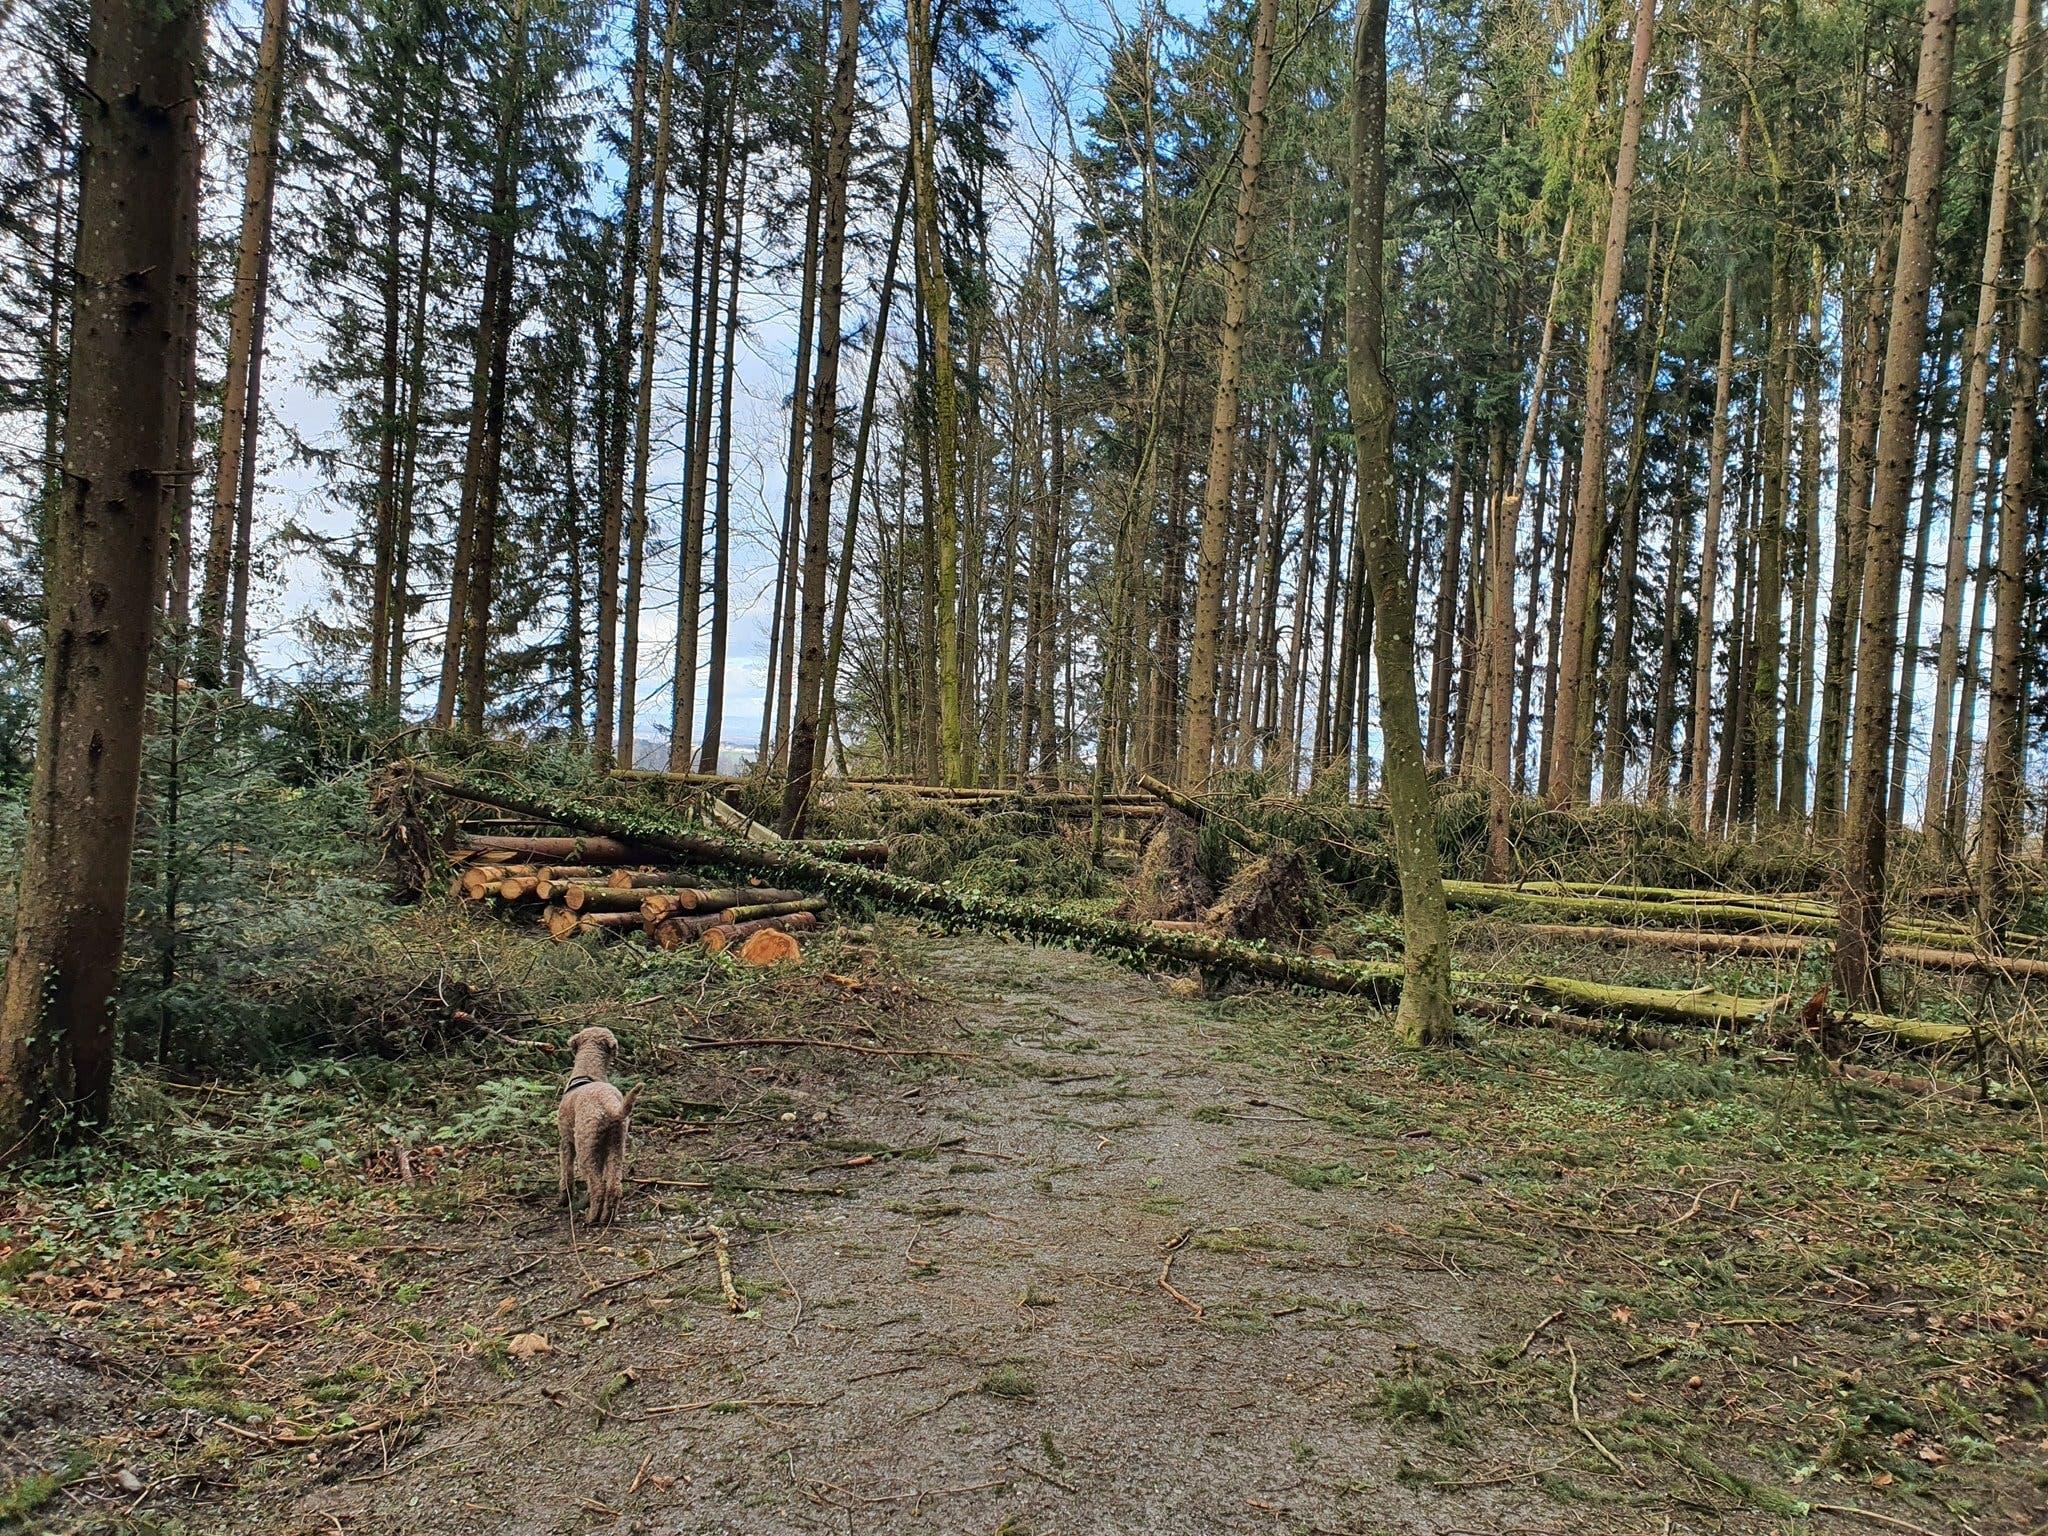 Der Waldweg ist durch umgestürzte Bäume blockiert. Da die umgestürzten Bäume unter Spannung stehen können, ist ihr Überklettern nicht ungefährlich.